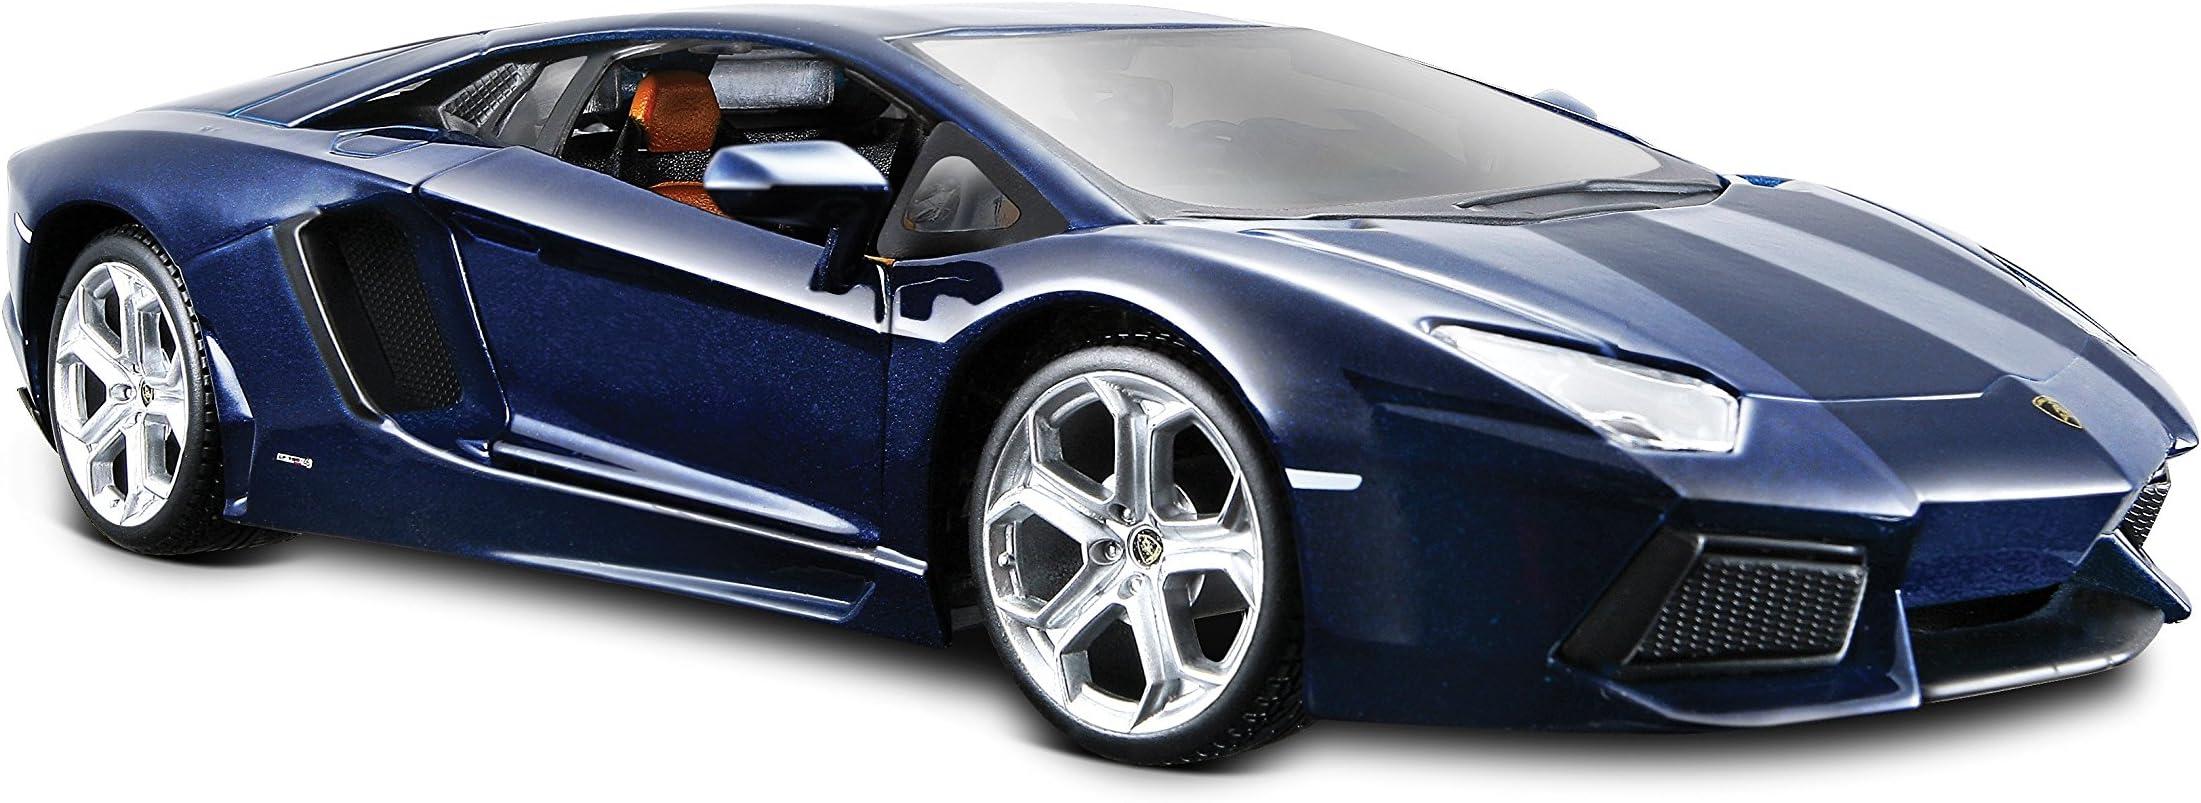 Maisto Lamborghini Aventador LP 700-4 Diecast Vehicle (1:24 Scale), Metallic Blue